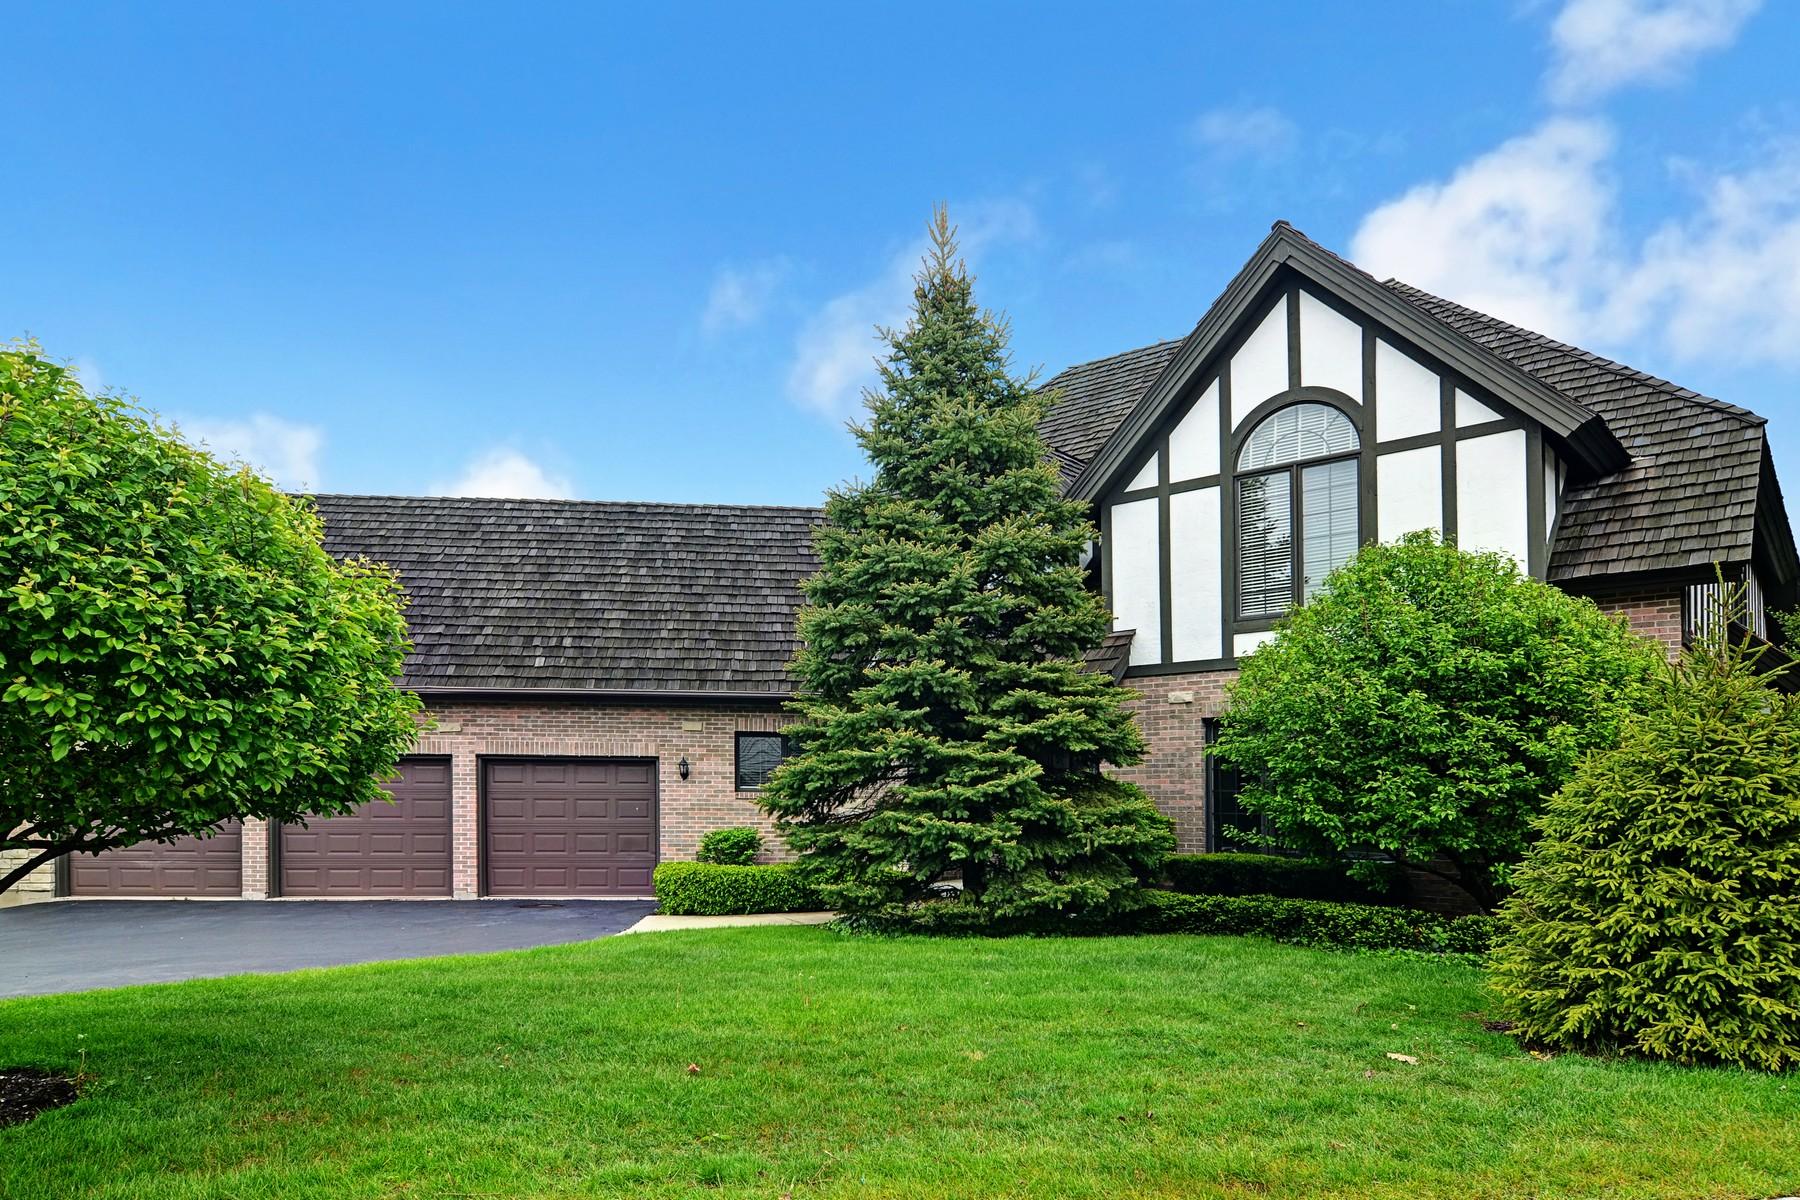 Maison unifamiliale pour l Vente à 601 Kenmare 601 Kenmare Drive Burr Ridge, Illinois, 60527 États-Unis